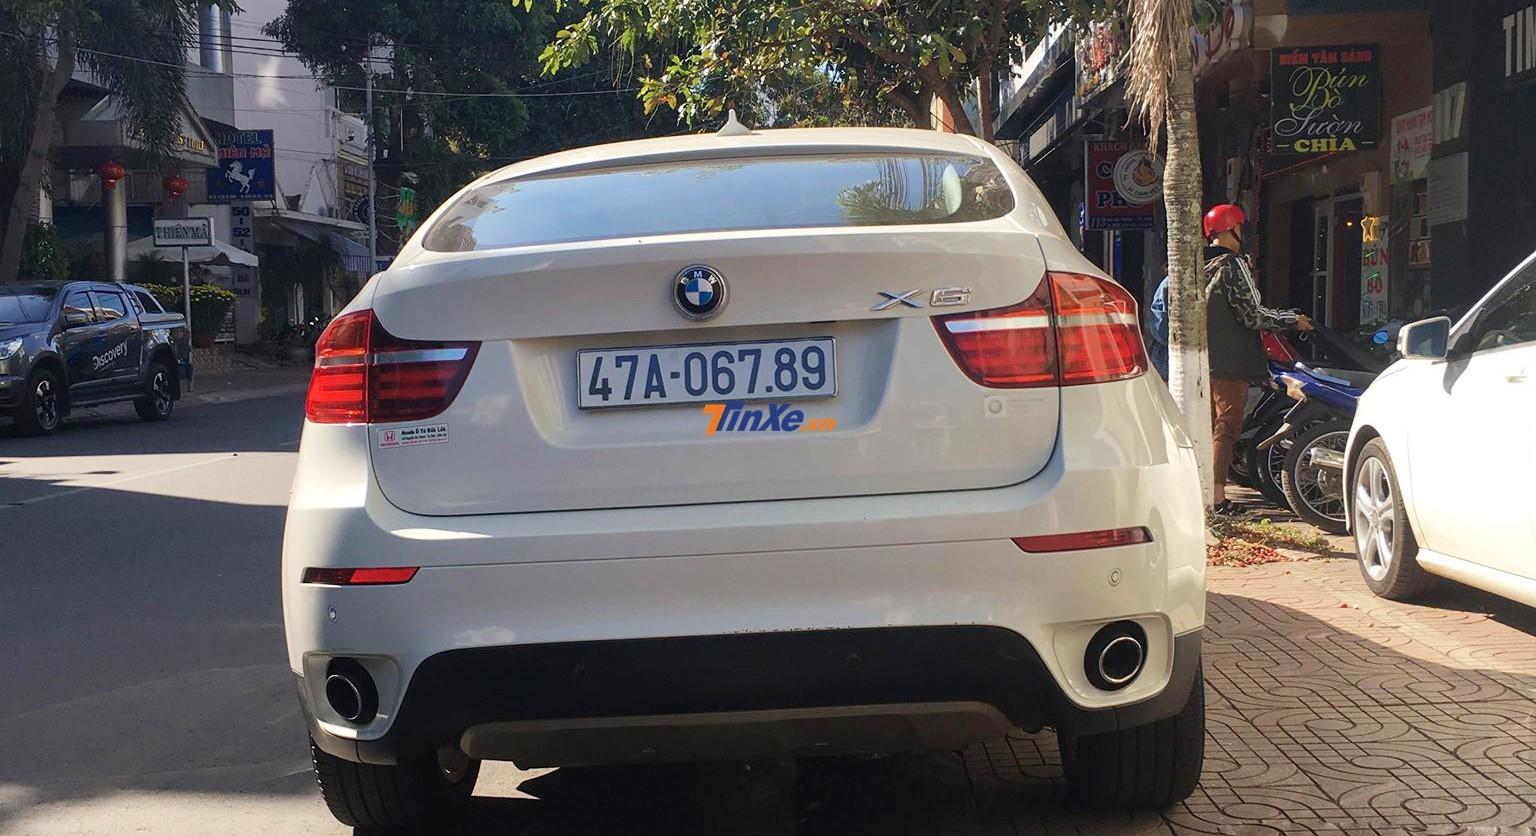 BMW X6 với chiếc biển sảnh 6789 mang hàm ý san bằng tất cả